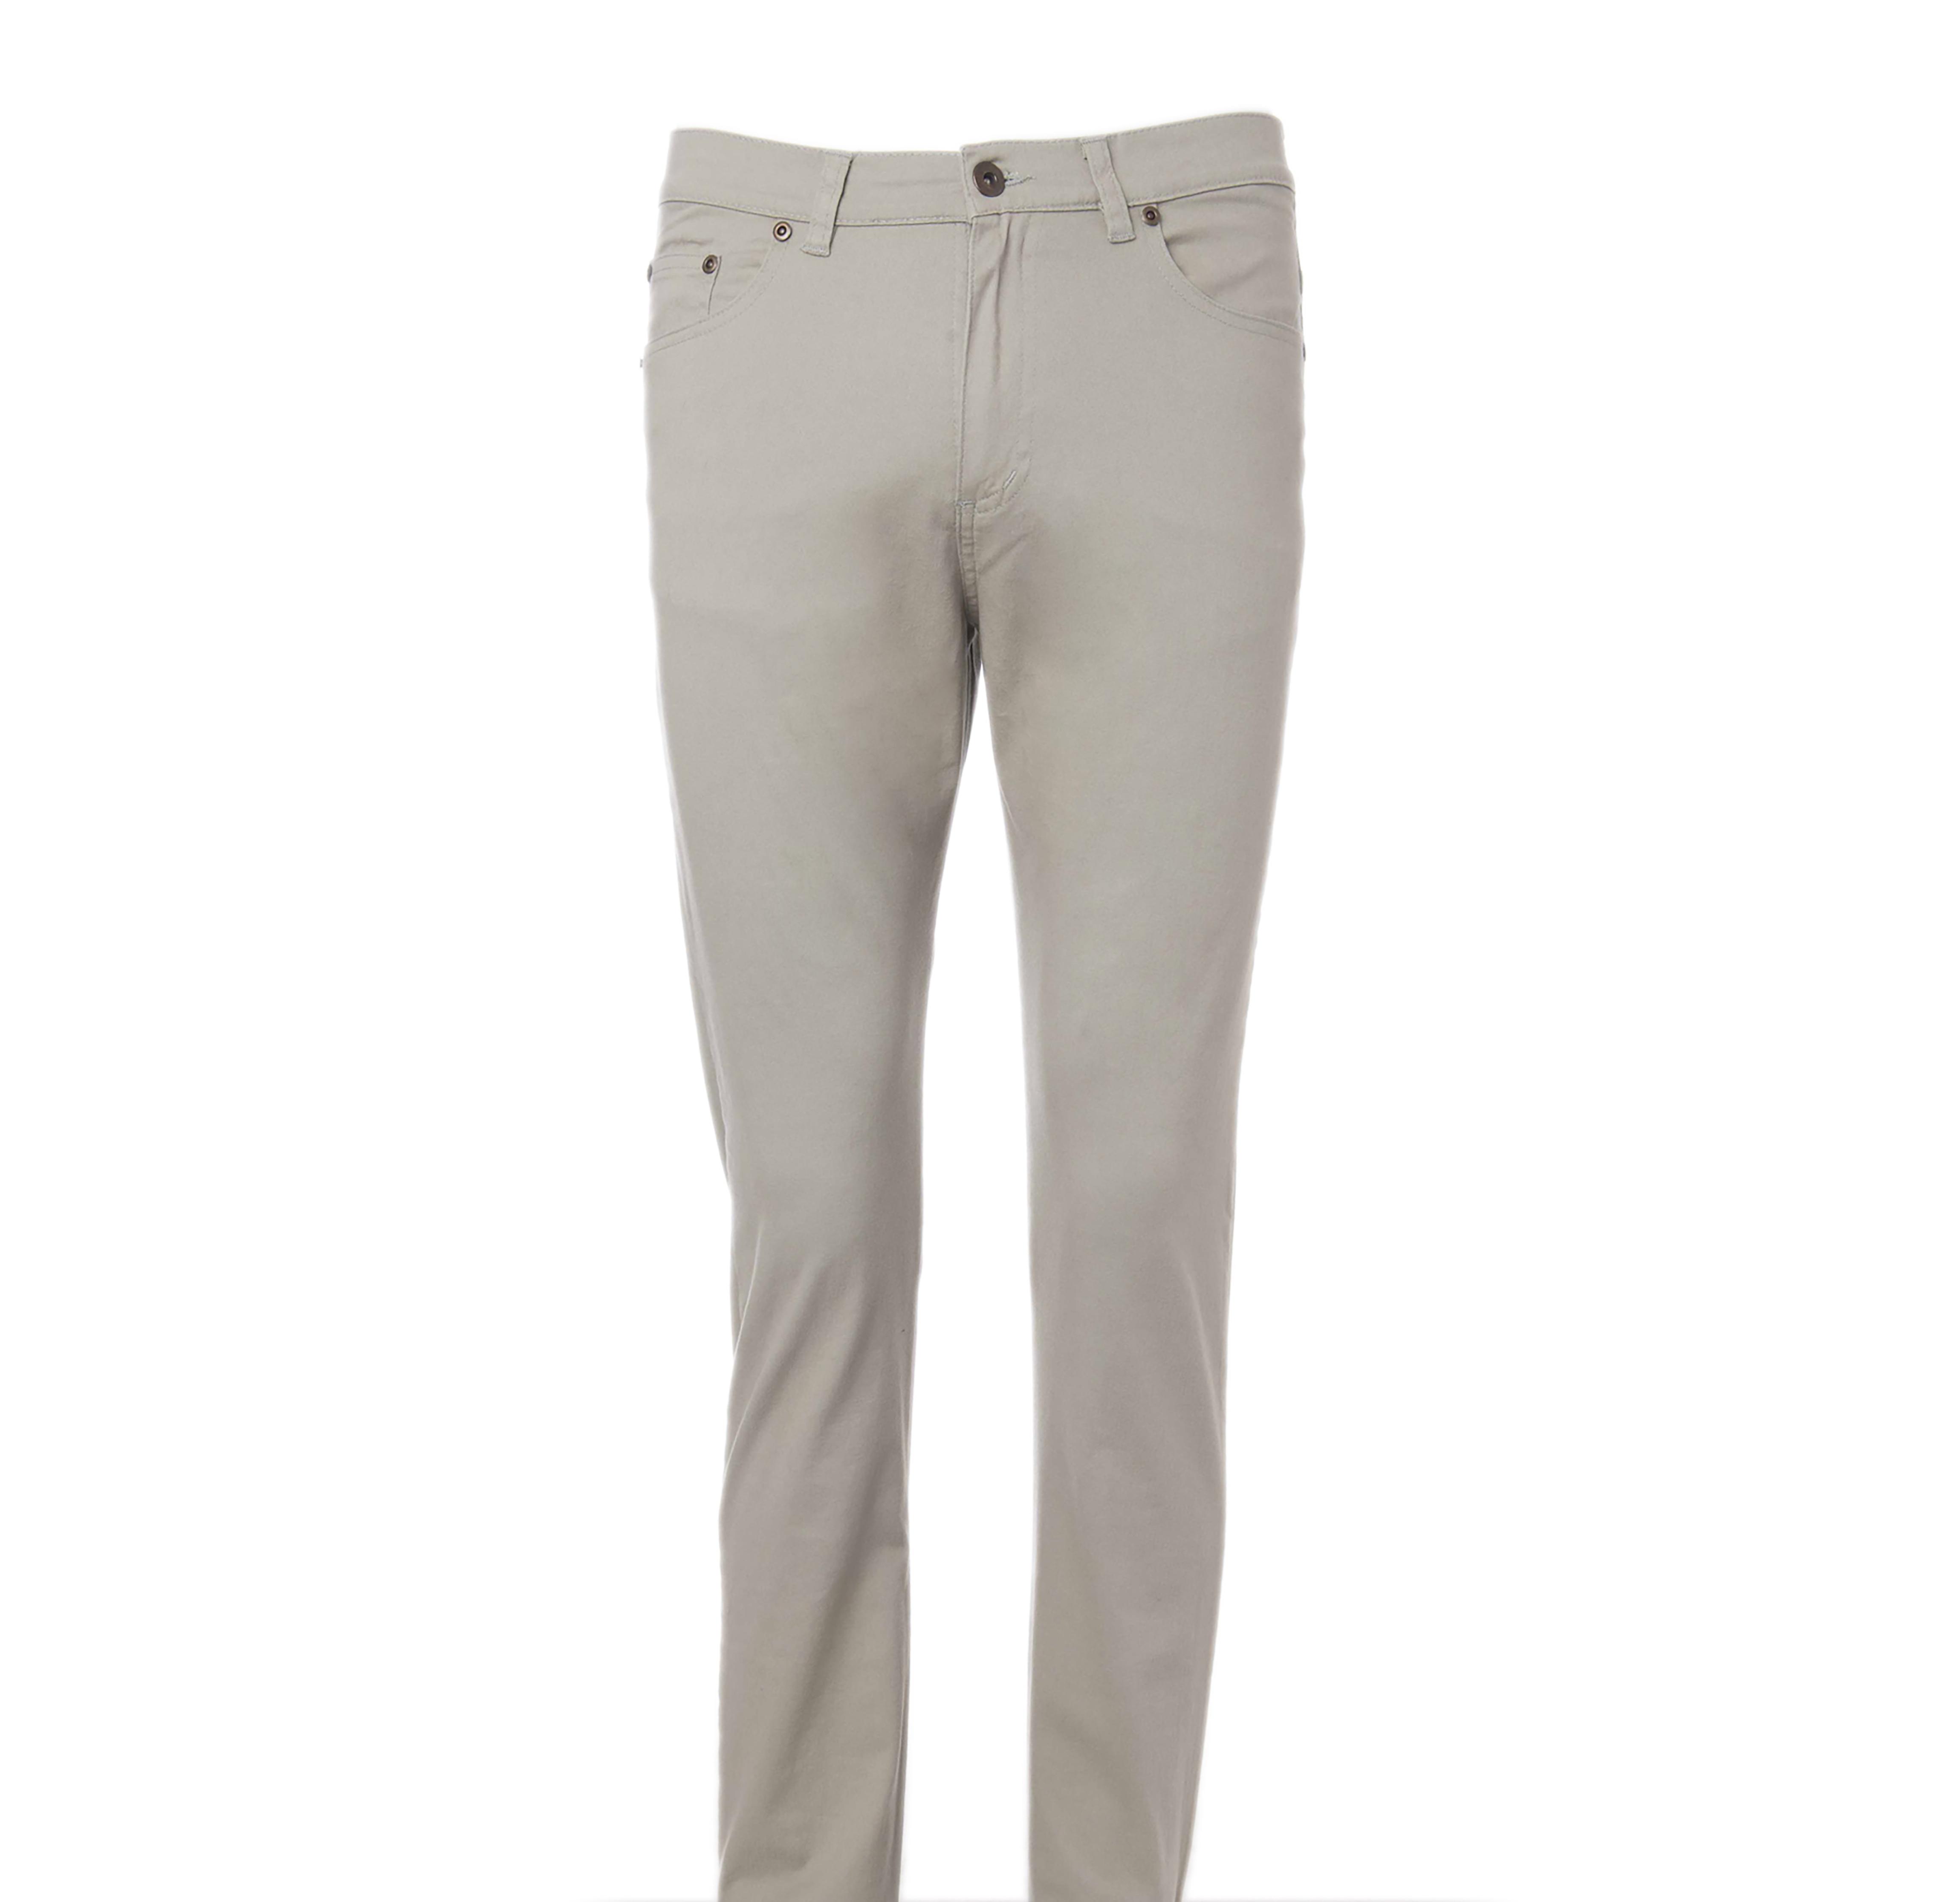 43d70b88aa Pantalón Tauro 5 bolsillos - Pantalones Blaper